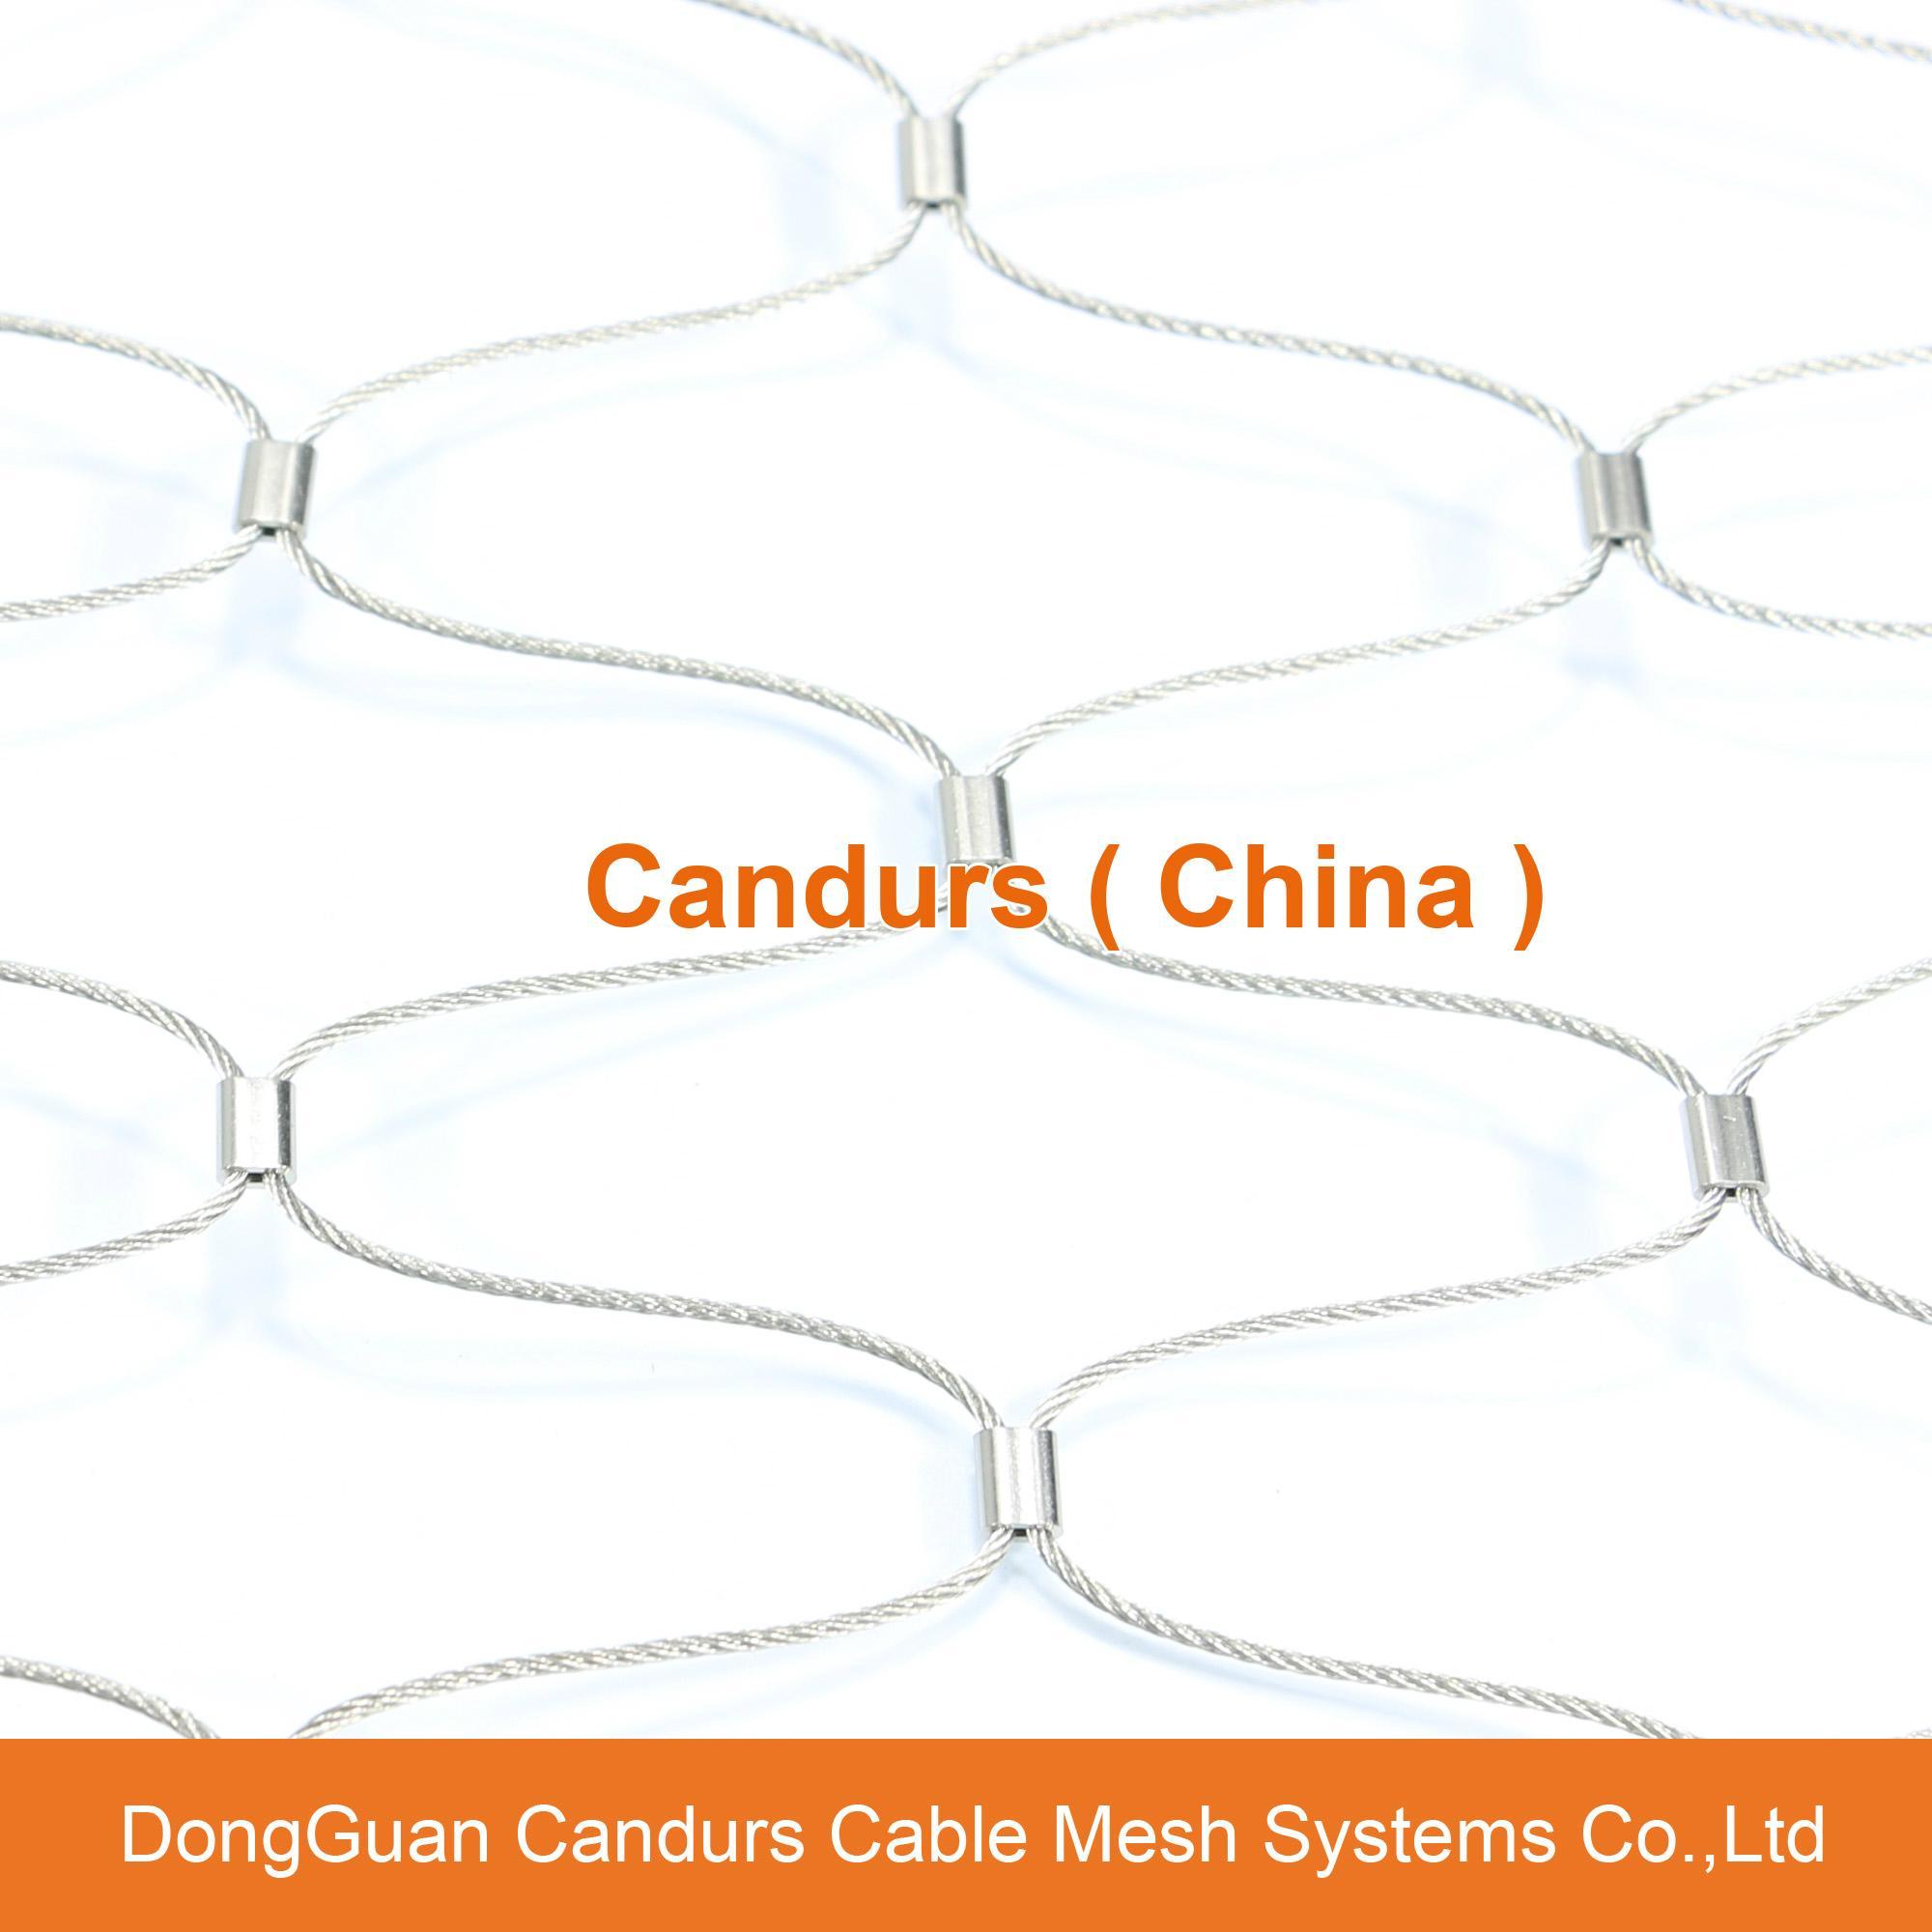 不锈钢绳建筑柔性防护网 19